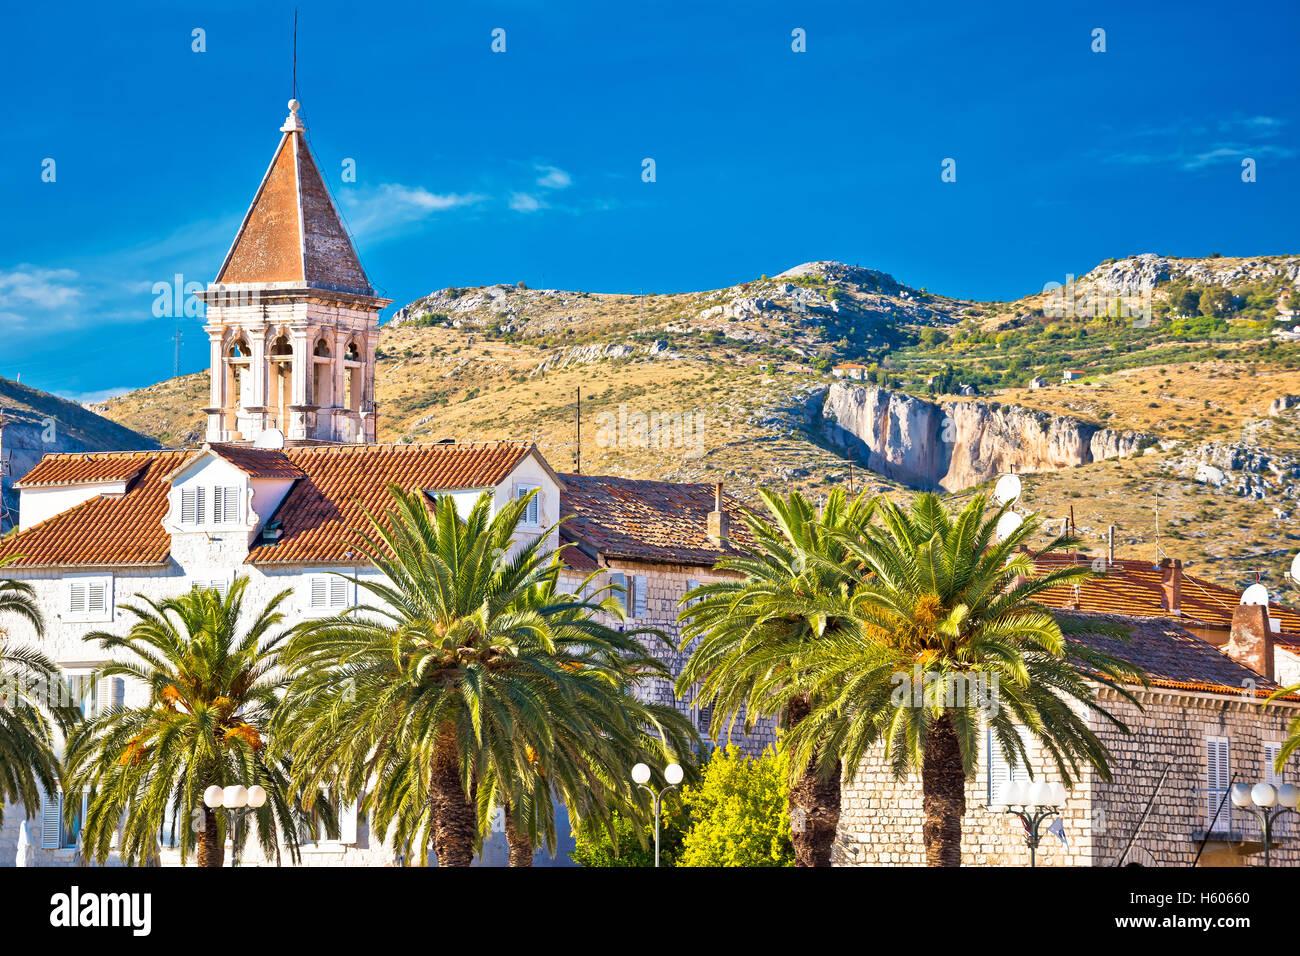 Trogir-Sehenswürdigkeiten und Klippen Gebirgshintergrund, UNESCO-Stadt in Kroatien Stockbild